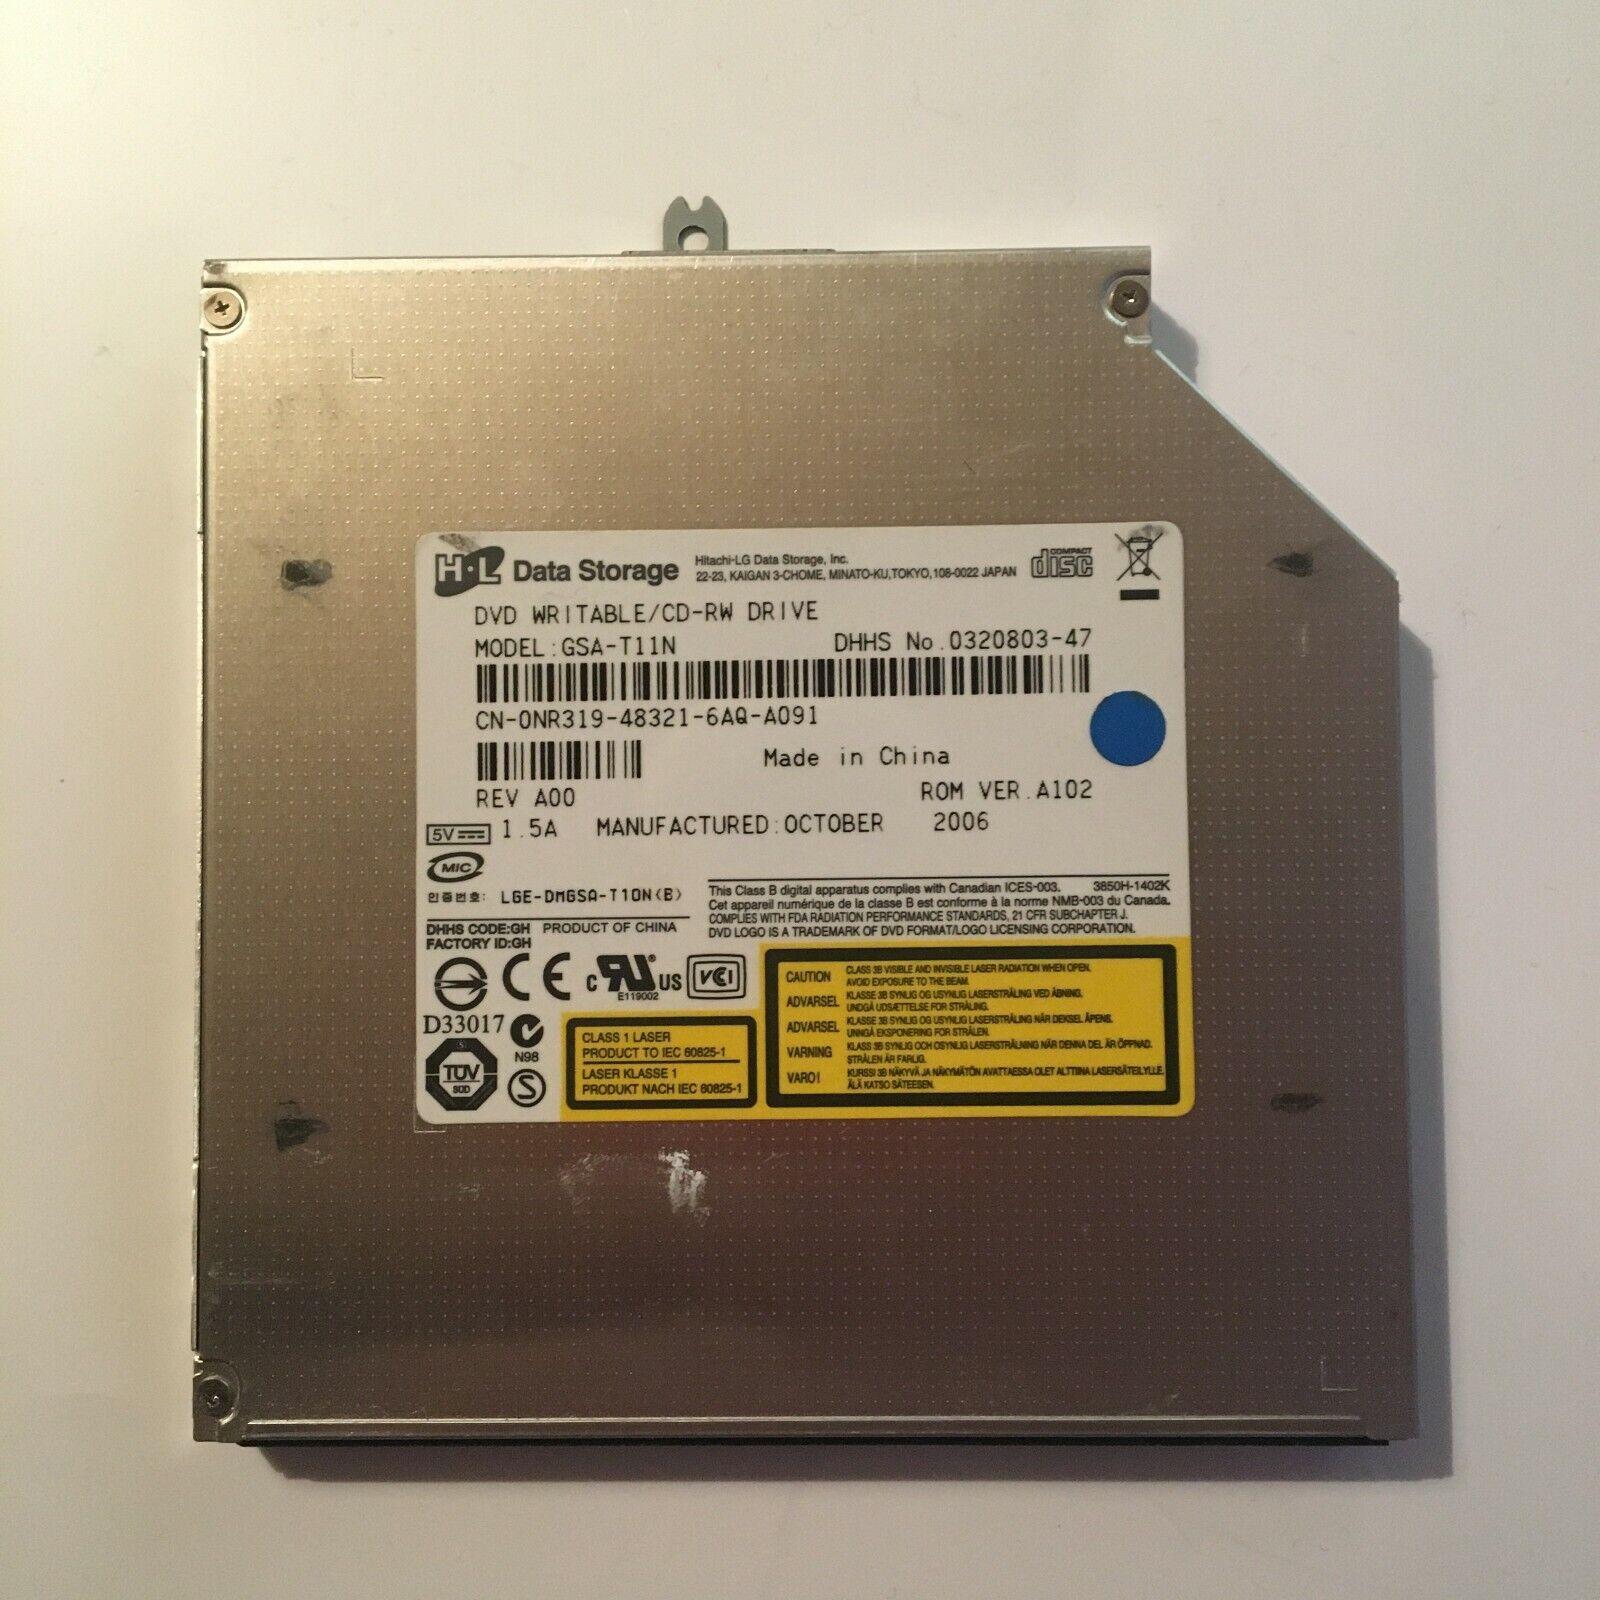 Graveur/lecteur cd et dvd ide interne data storage gsa-t11n pour pc portable